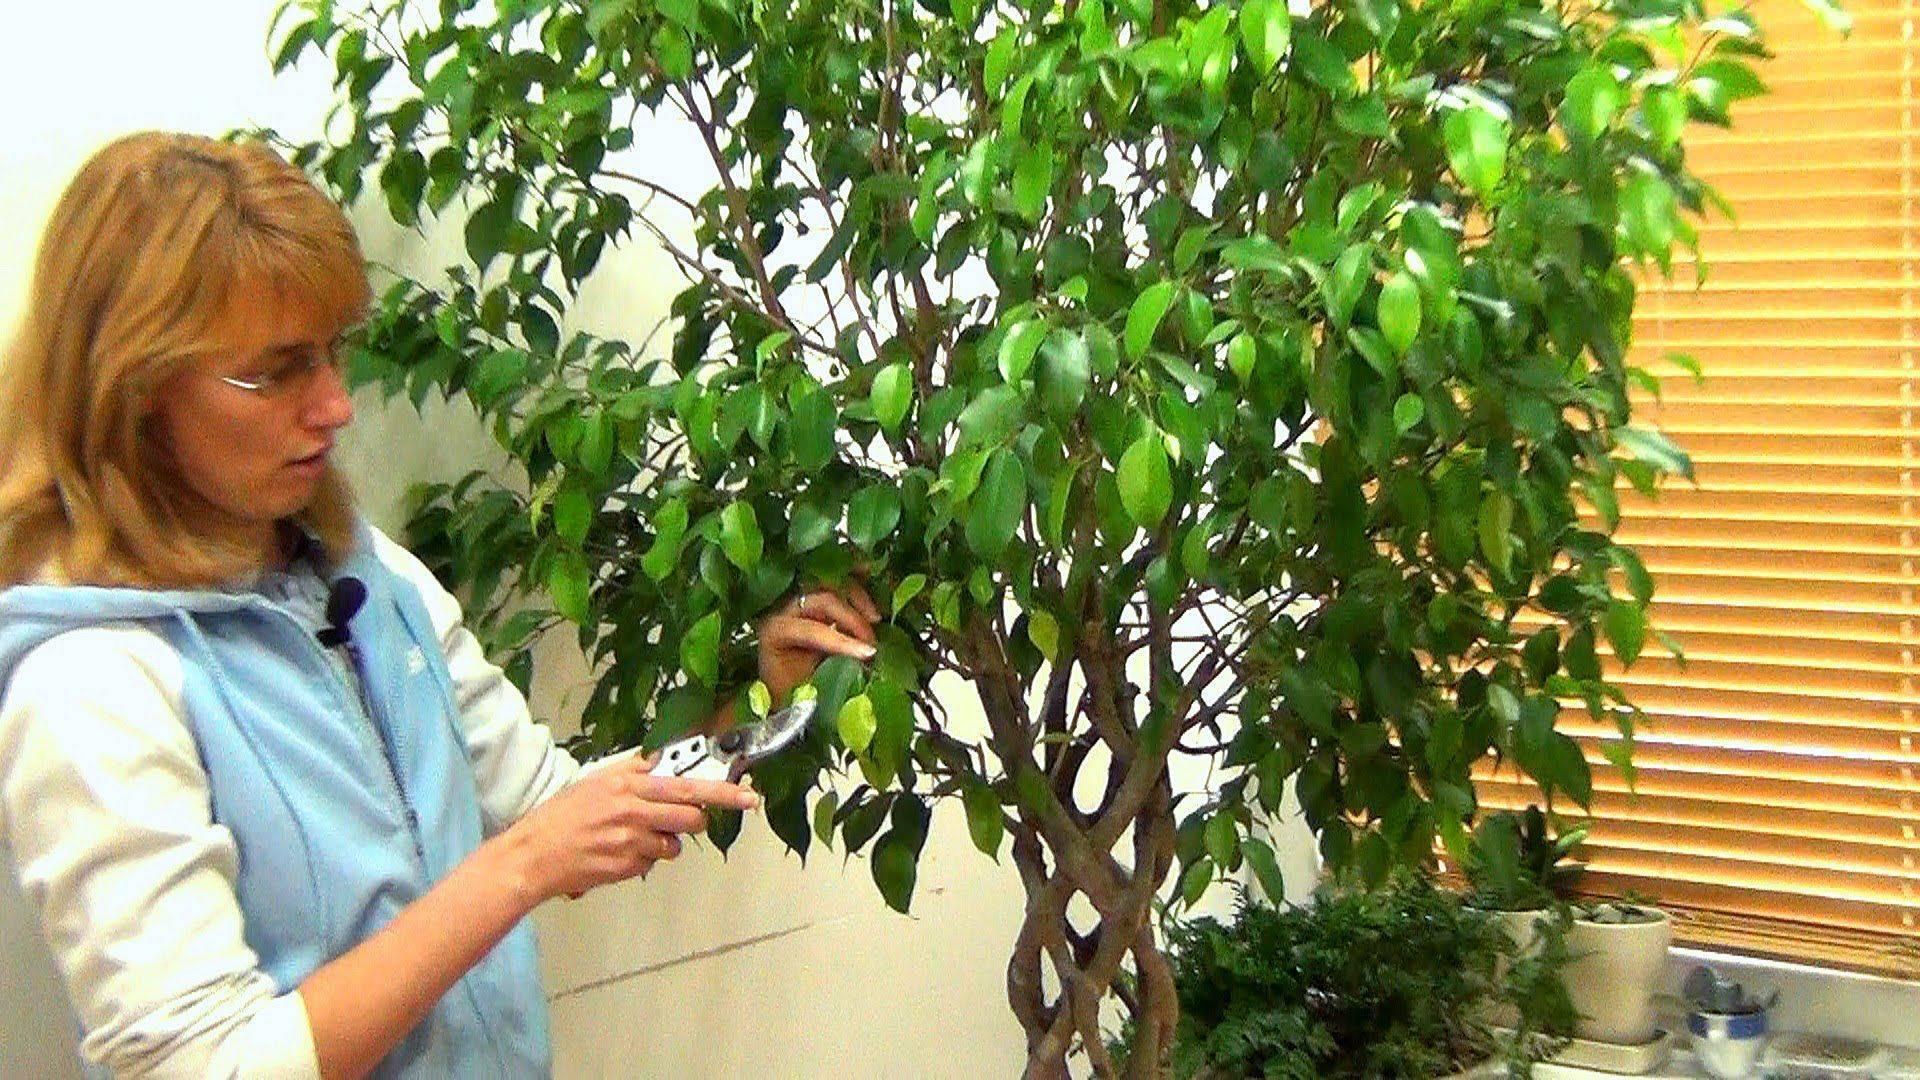 Размножение бегонии листом: пошаговая инструкция размножения и укоренения бегонии в домашних условиях. как вырастить бегонию из листа?